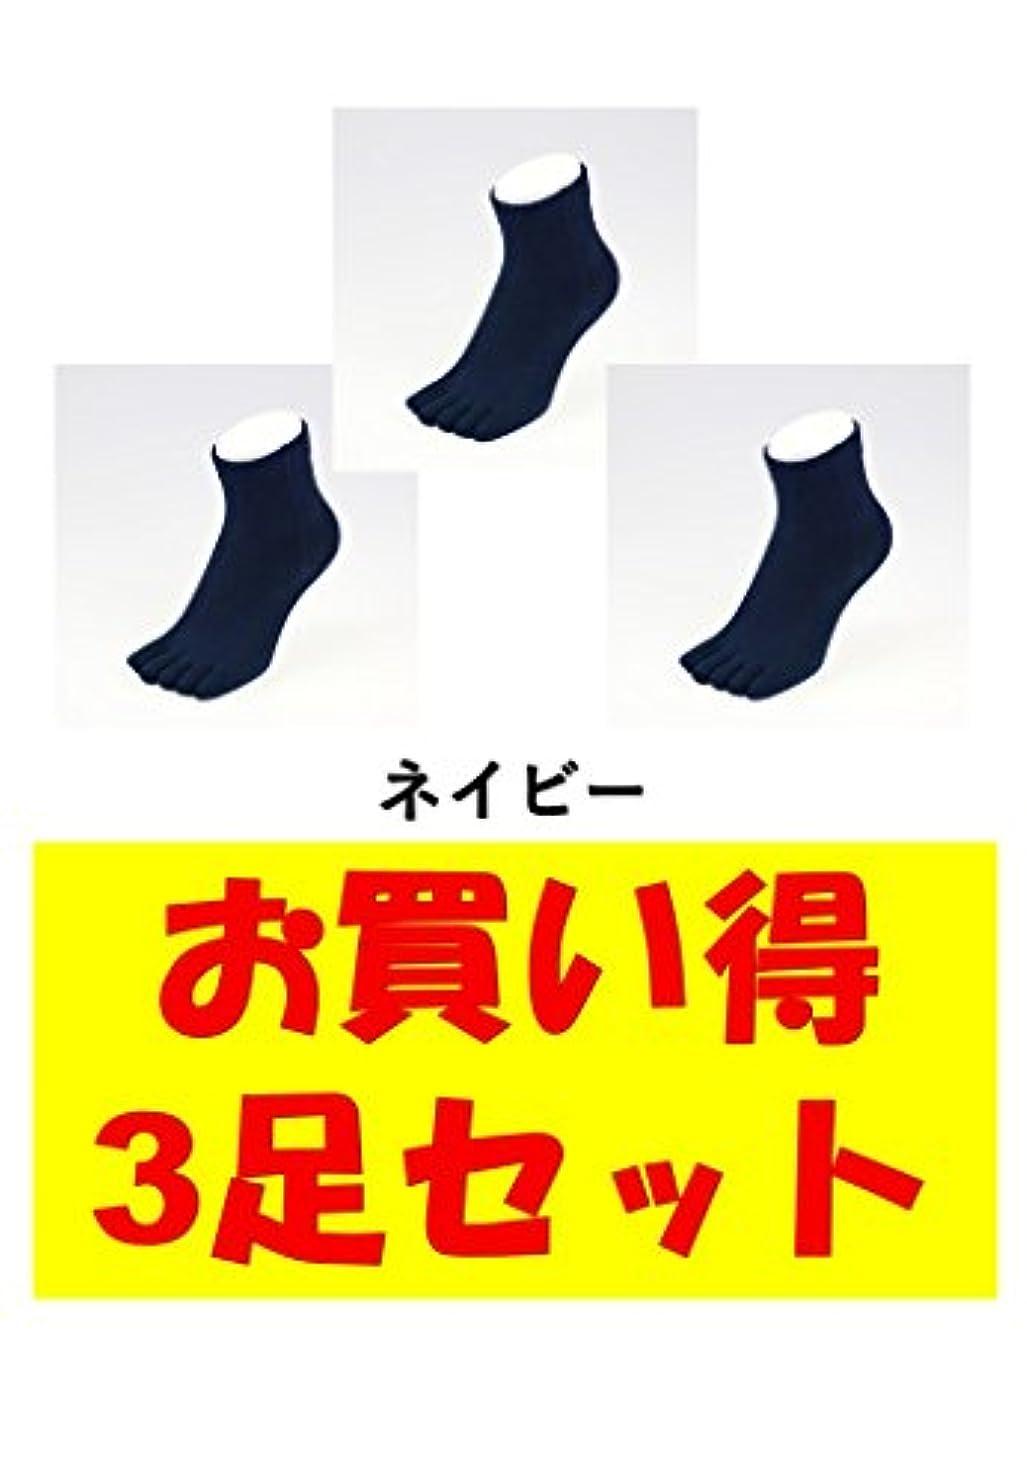 判決社交的育成お買い得3足セット 5本指 ゆびのばソックス Neo EVE(イヴ) ネイビー Sサイズ(21.0cm - 24.0cm) YSNEVE-NVY